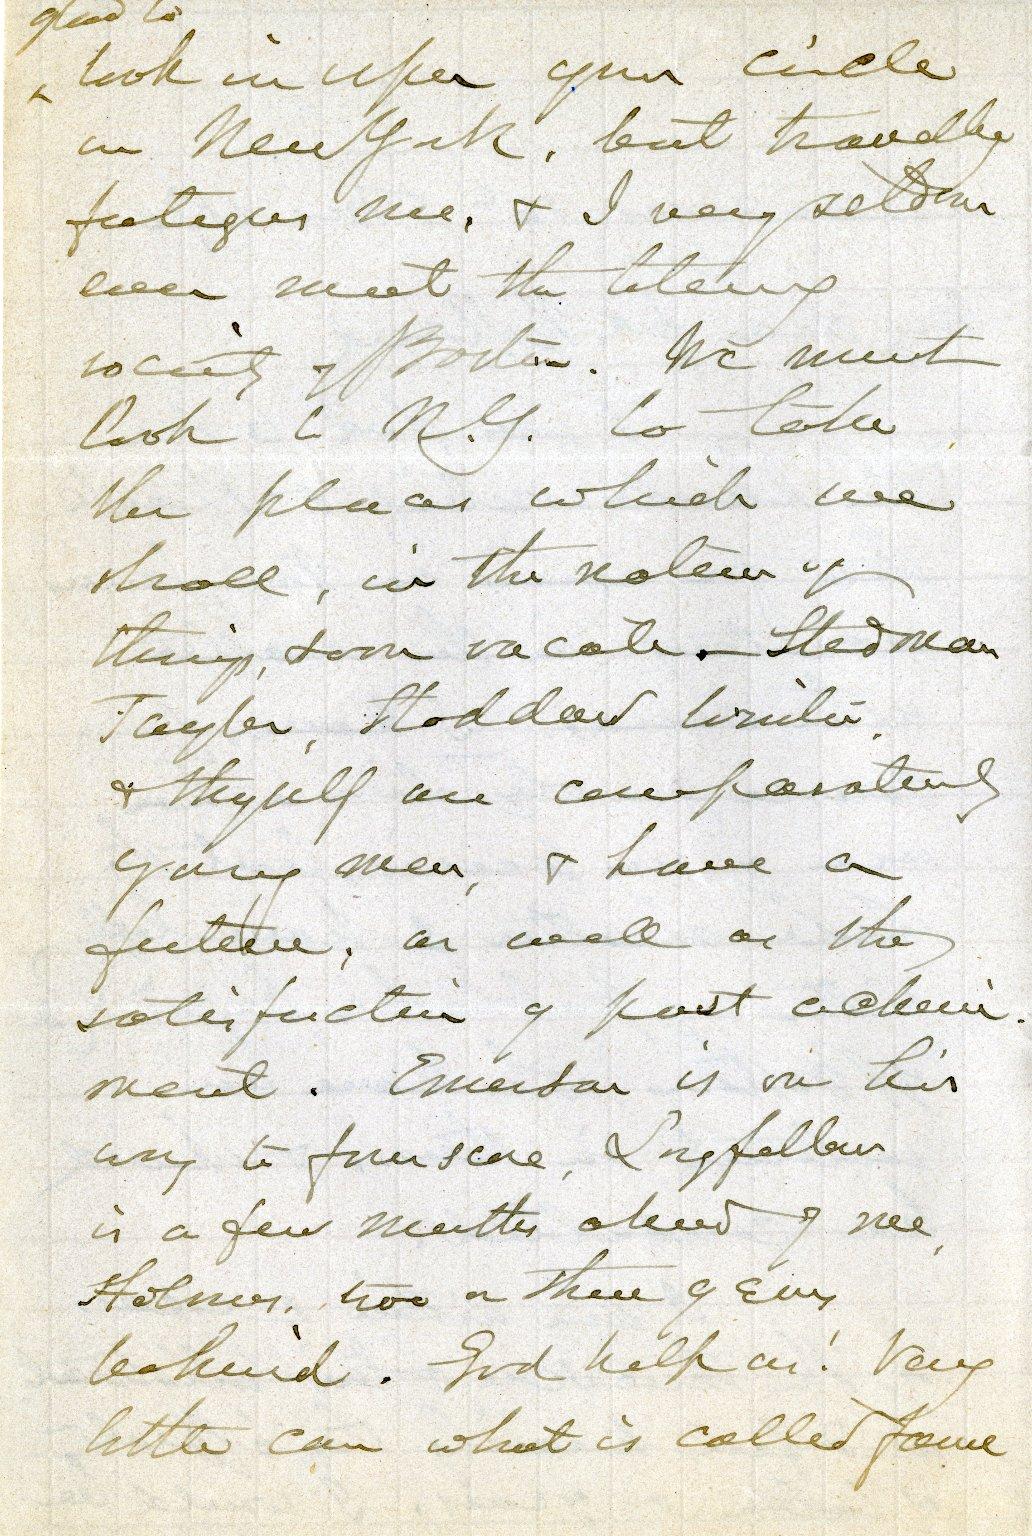 Whittier, John Greenleaf. ALS, 3 pages, March 16, 1876.